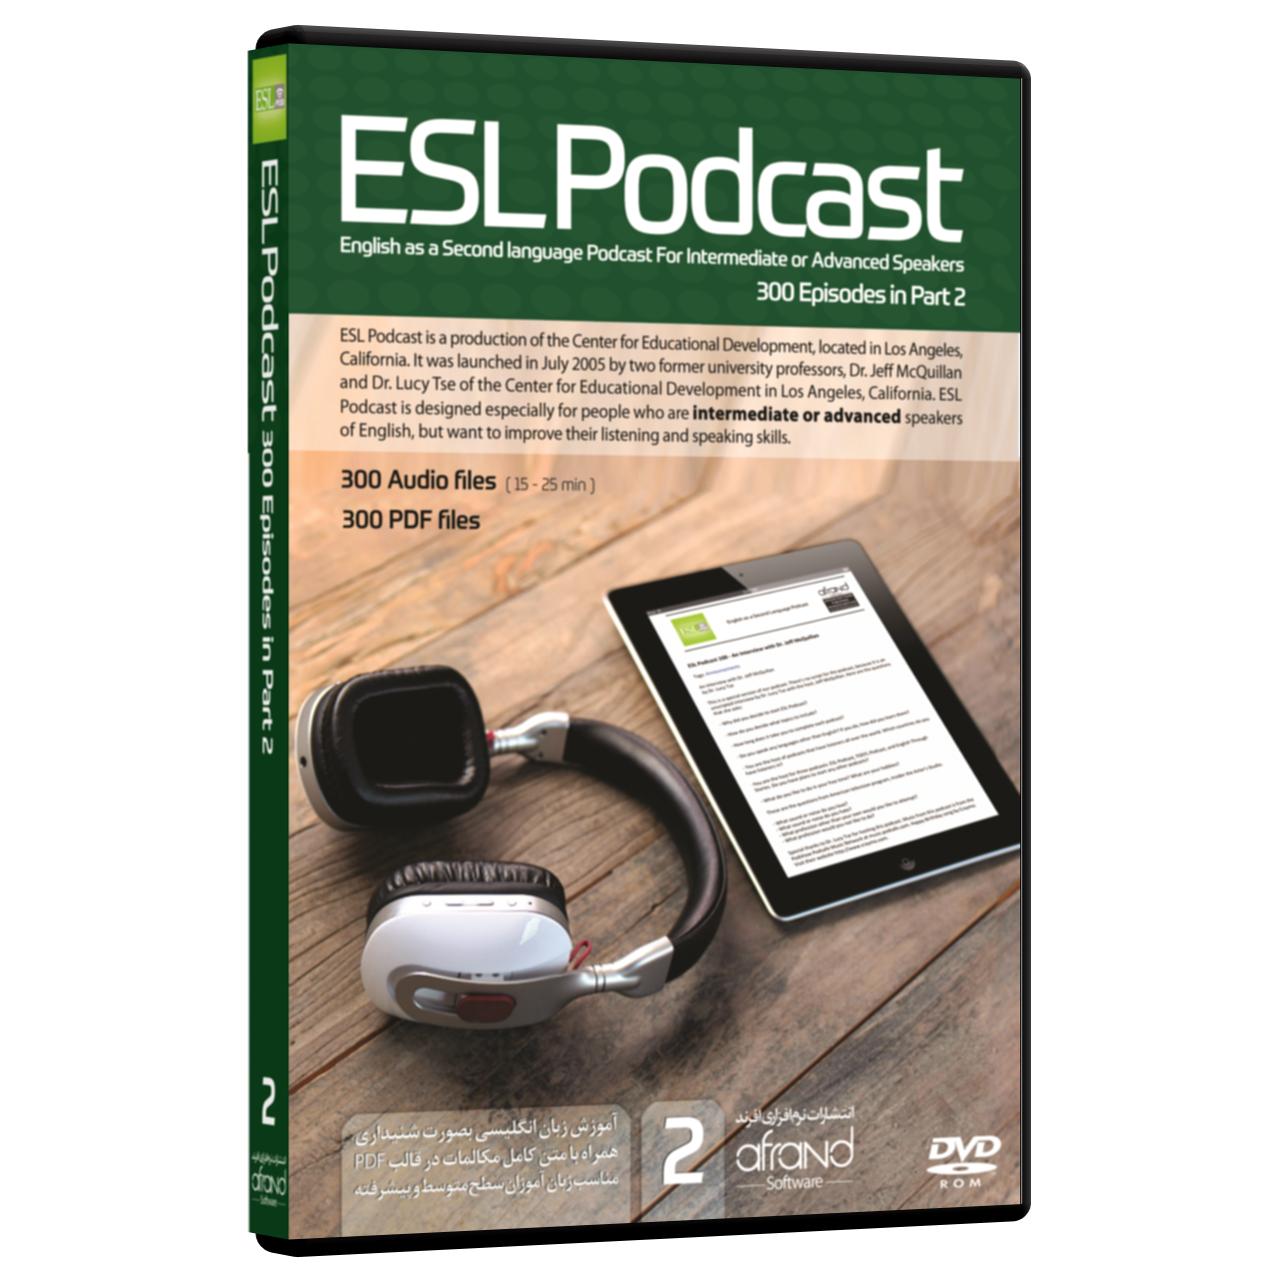 نرم افزار صوتی تقویت مکالمه زبان انگلیسی ESL Podcast 2  انتشارات نرم افزاری افرند